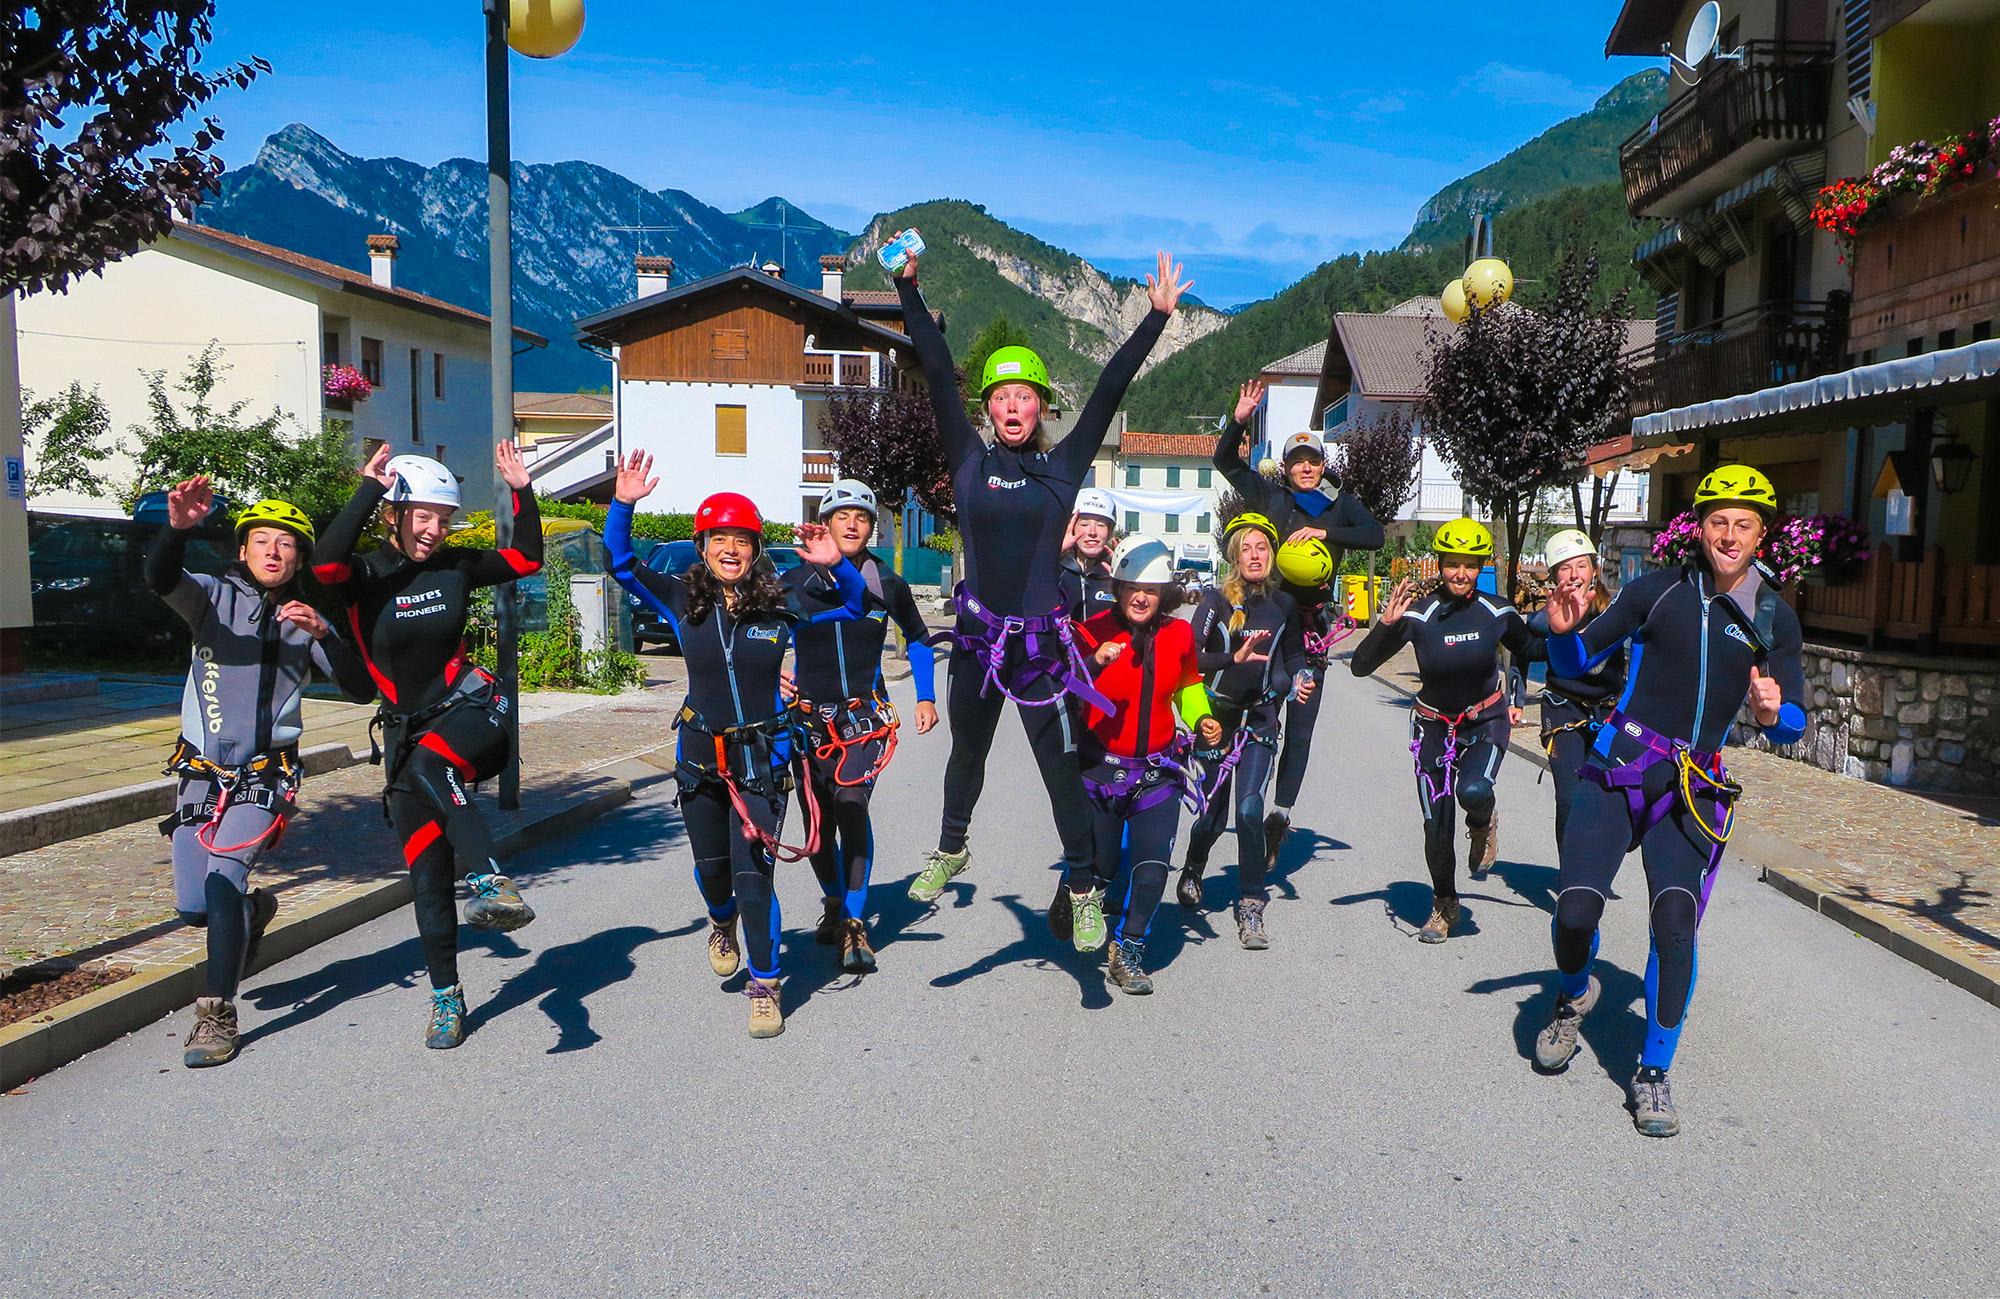 canyoneering on teen summer camp in italy